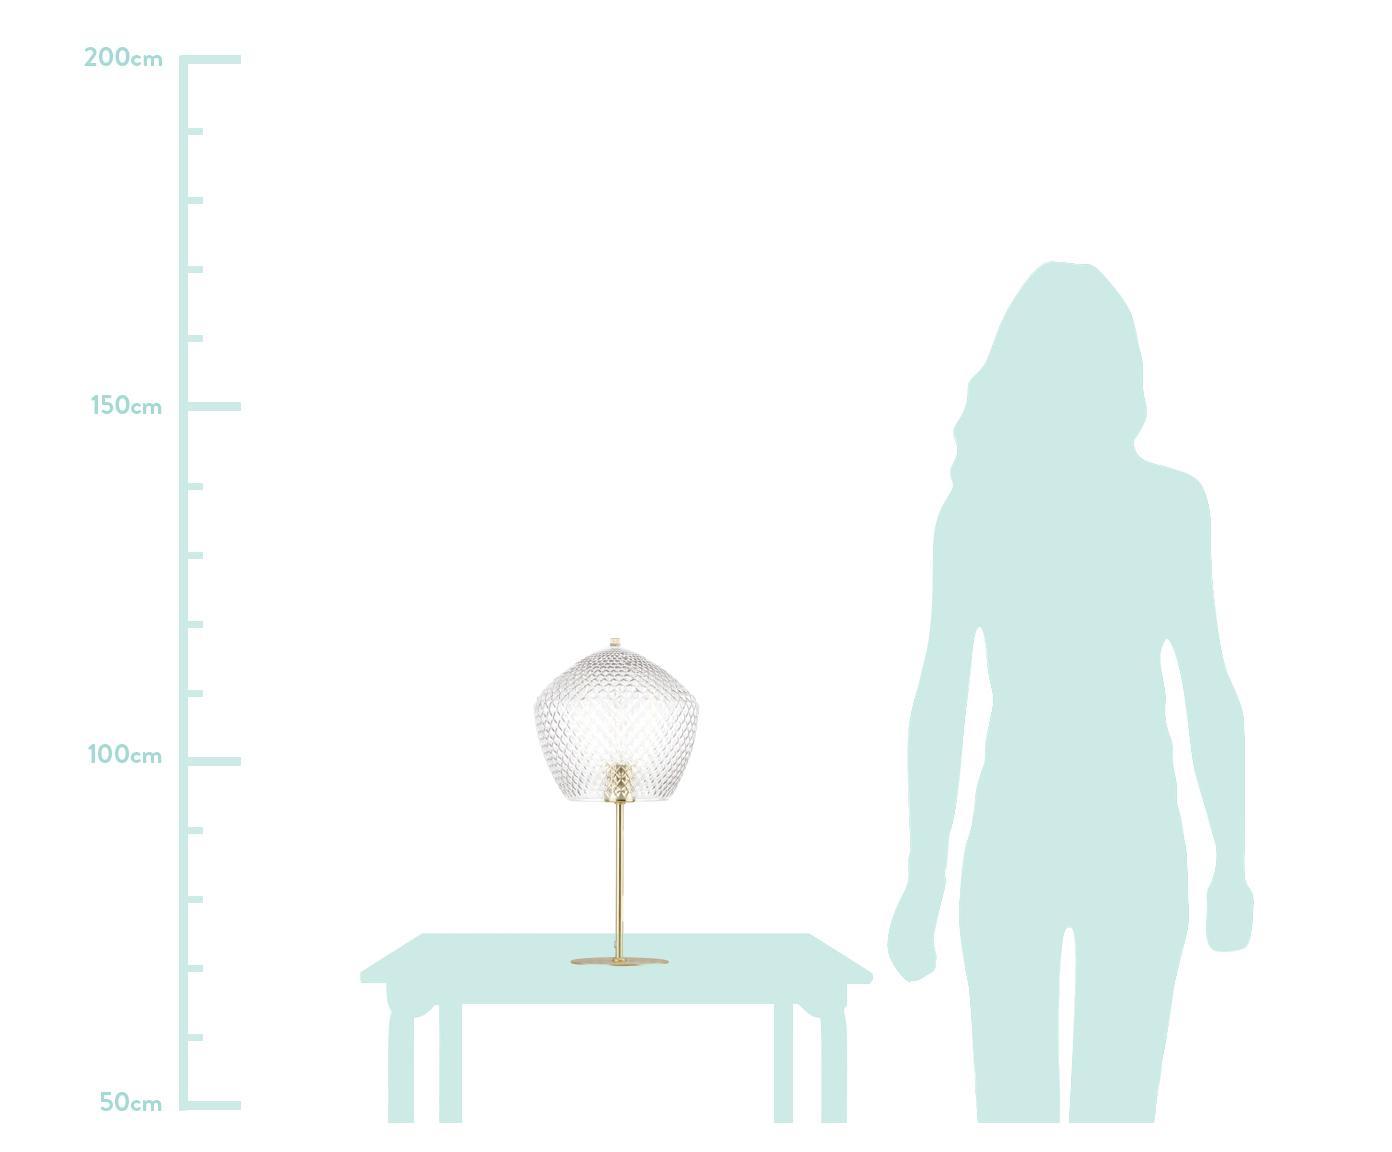 Tischlampe Beatrice mit Glasschirm, Lampenschirm: Glas, Lampenfuß: Metall, beschichtet, Gold, Transparent, Ø 23 x H 47 cm